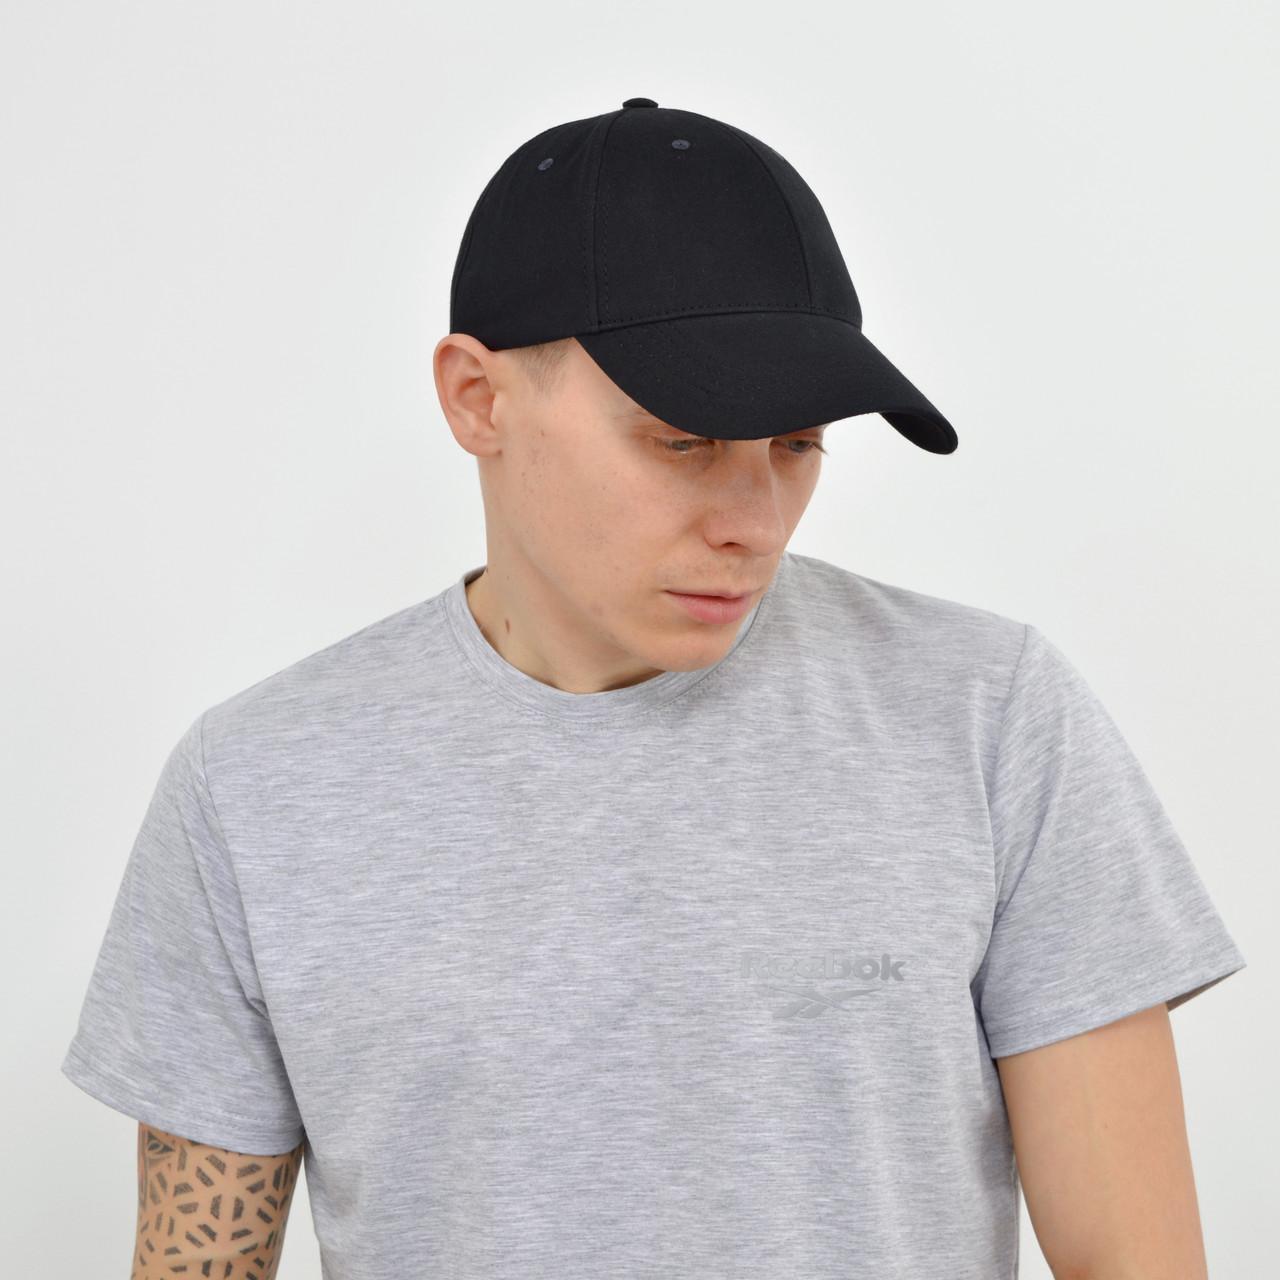 Мужская футболка с светоотражайкой Reebok (реплика)  на груди и спине черный